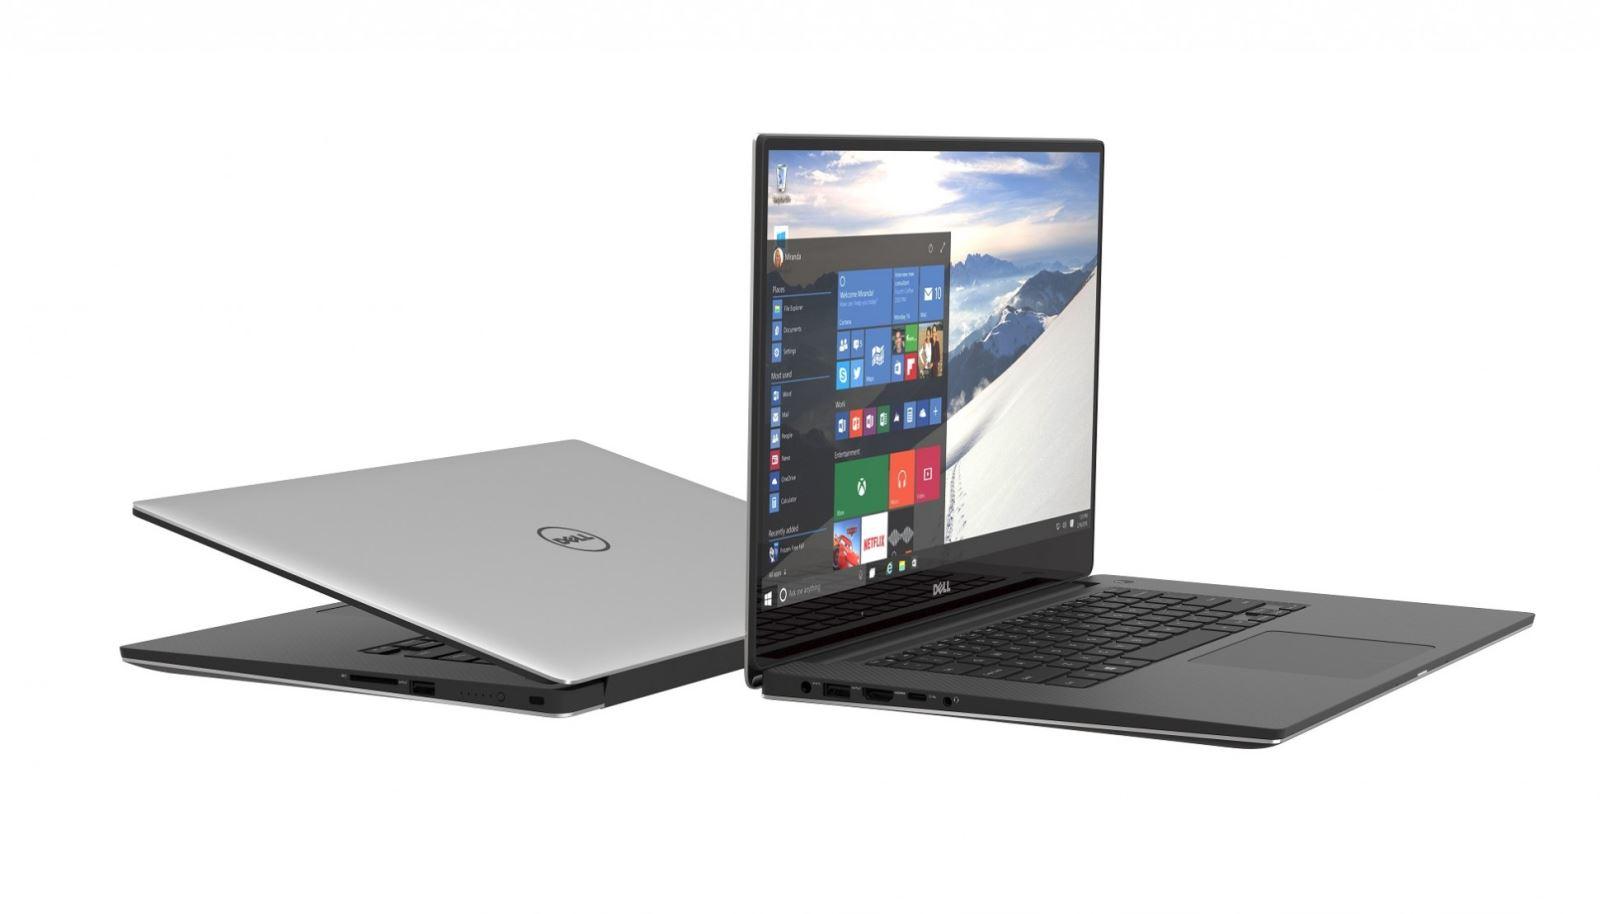 Cách chọn laptop dell cấu hình khủng, giá siêu tốt